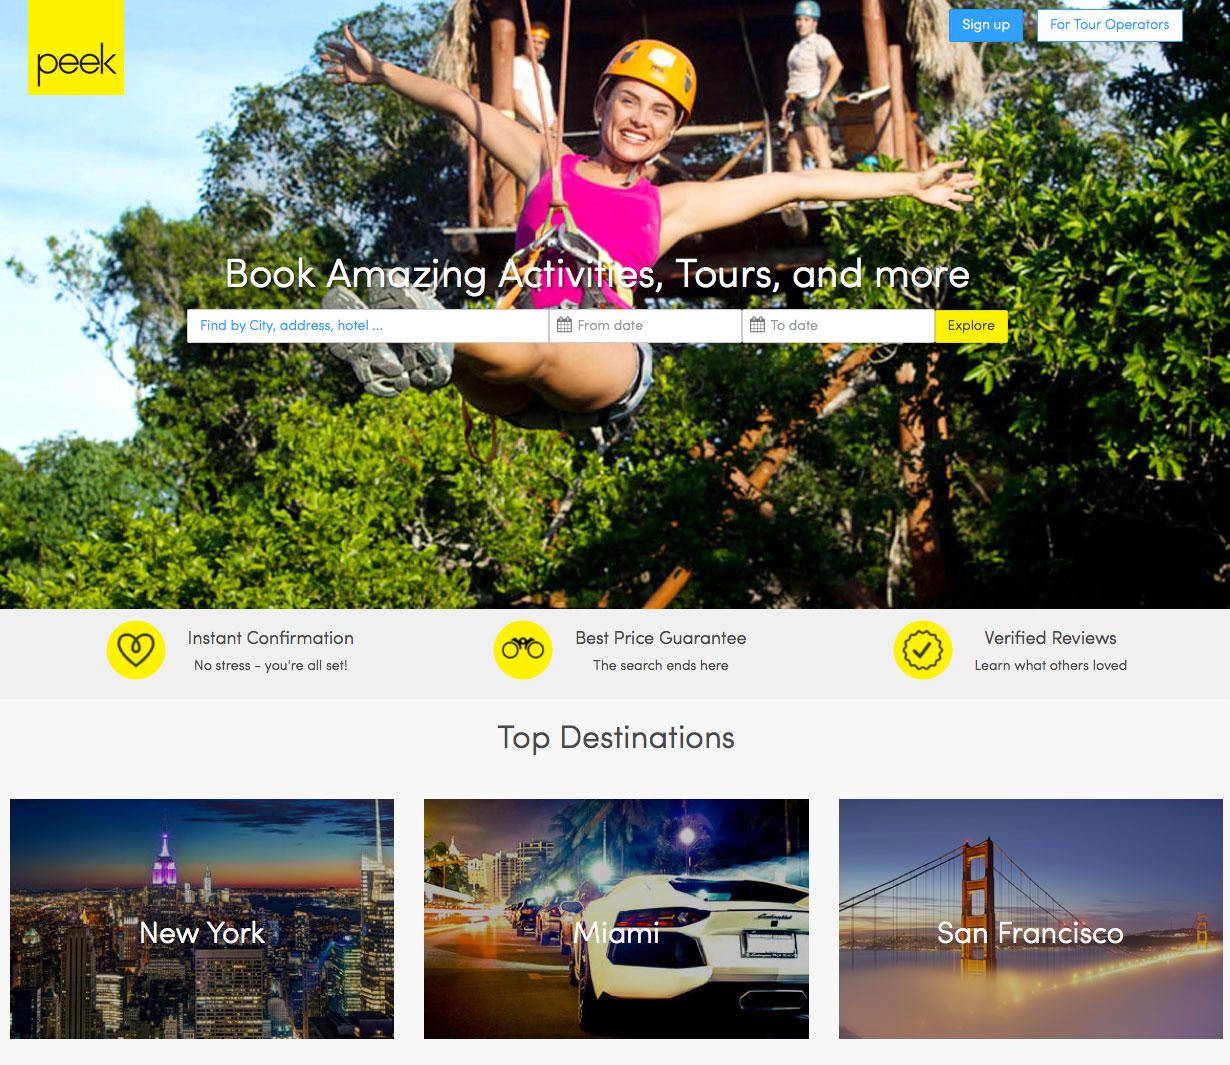 Peek homepage